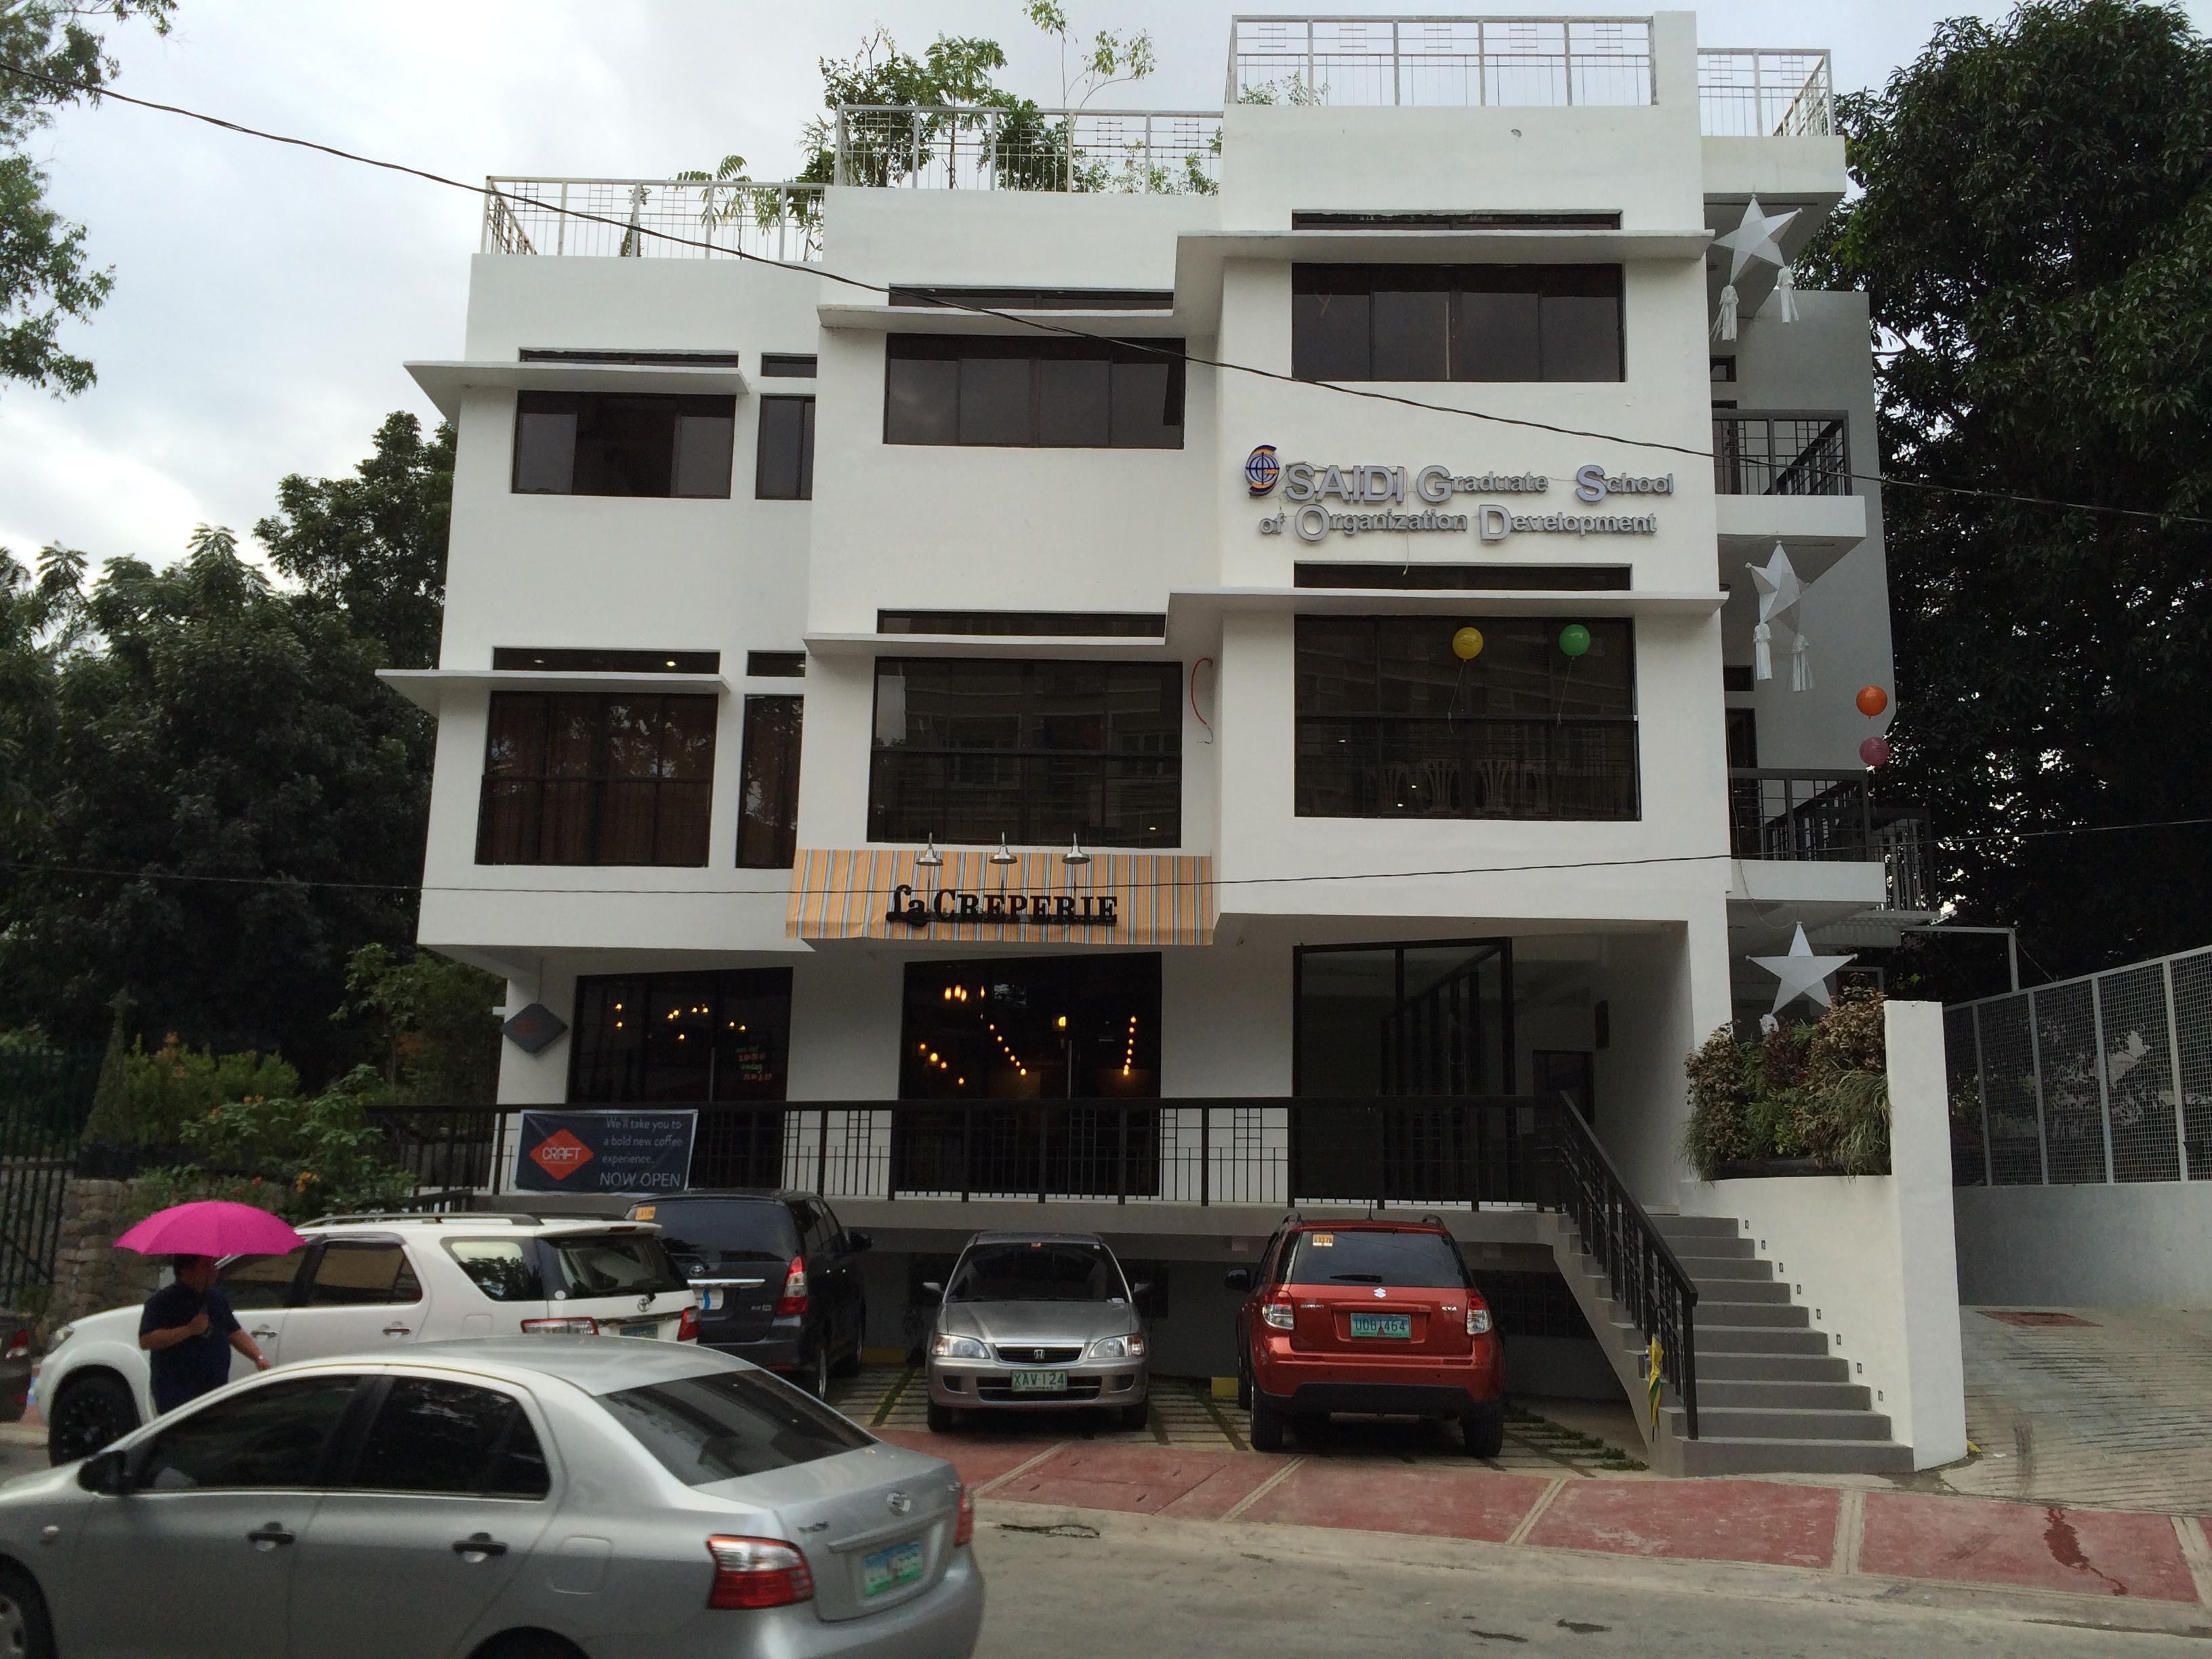 barrameda fuentes building